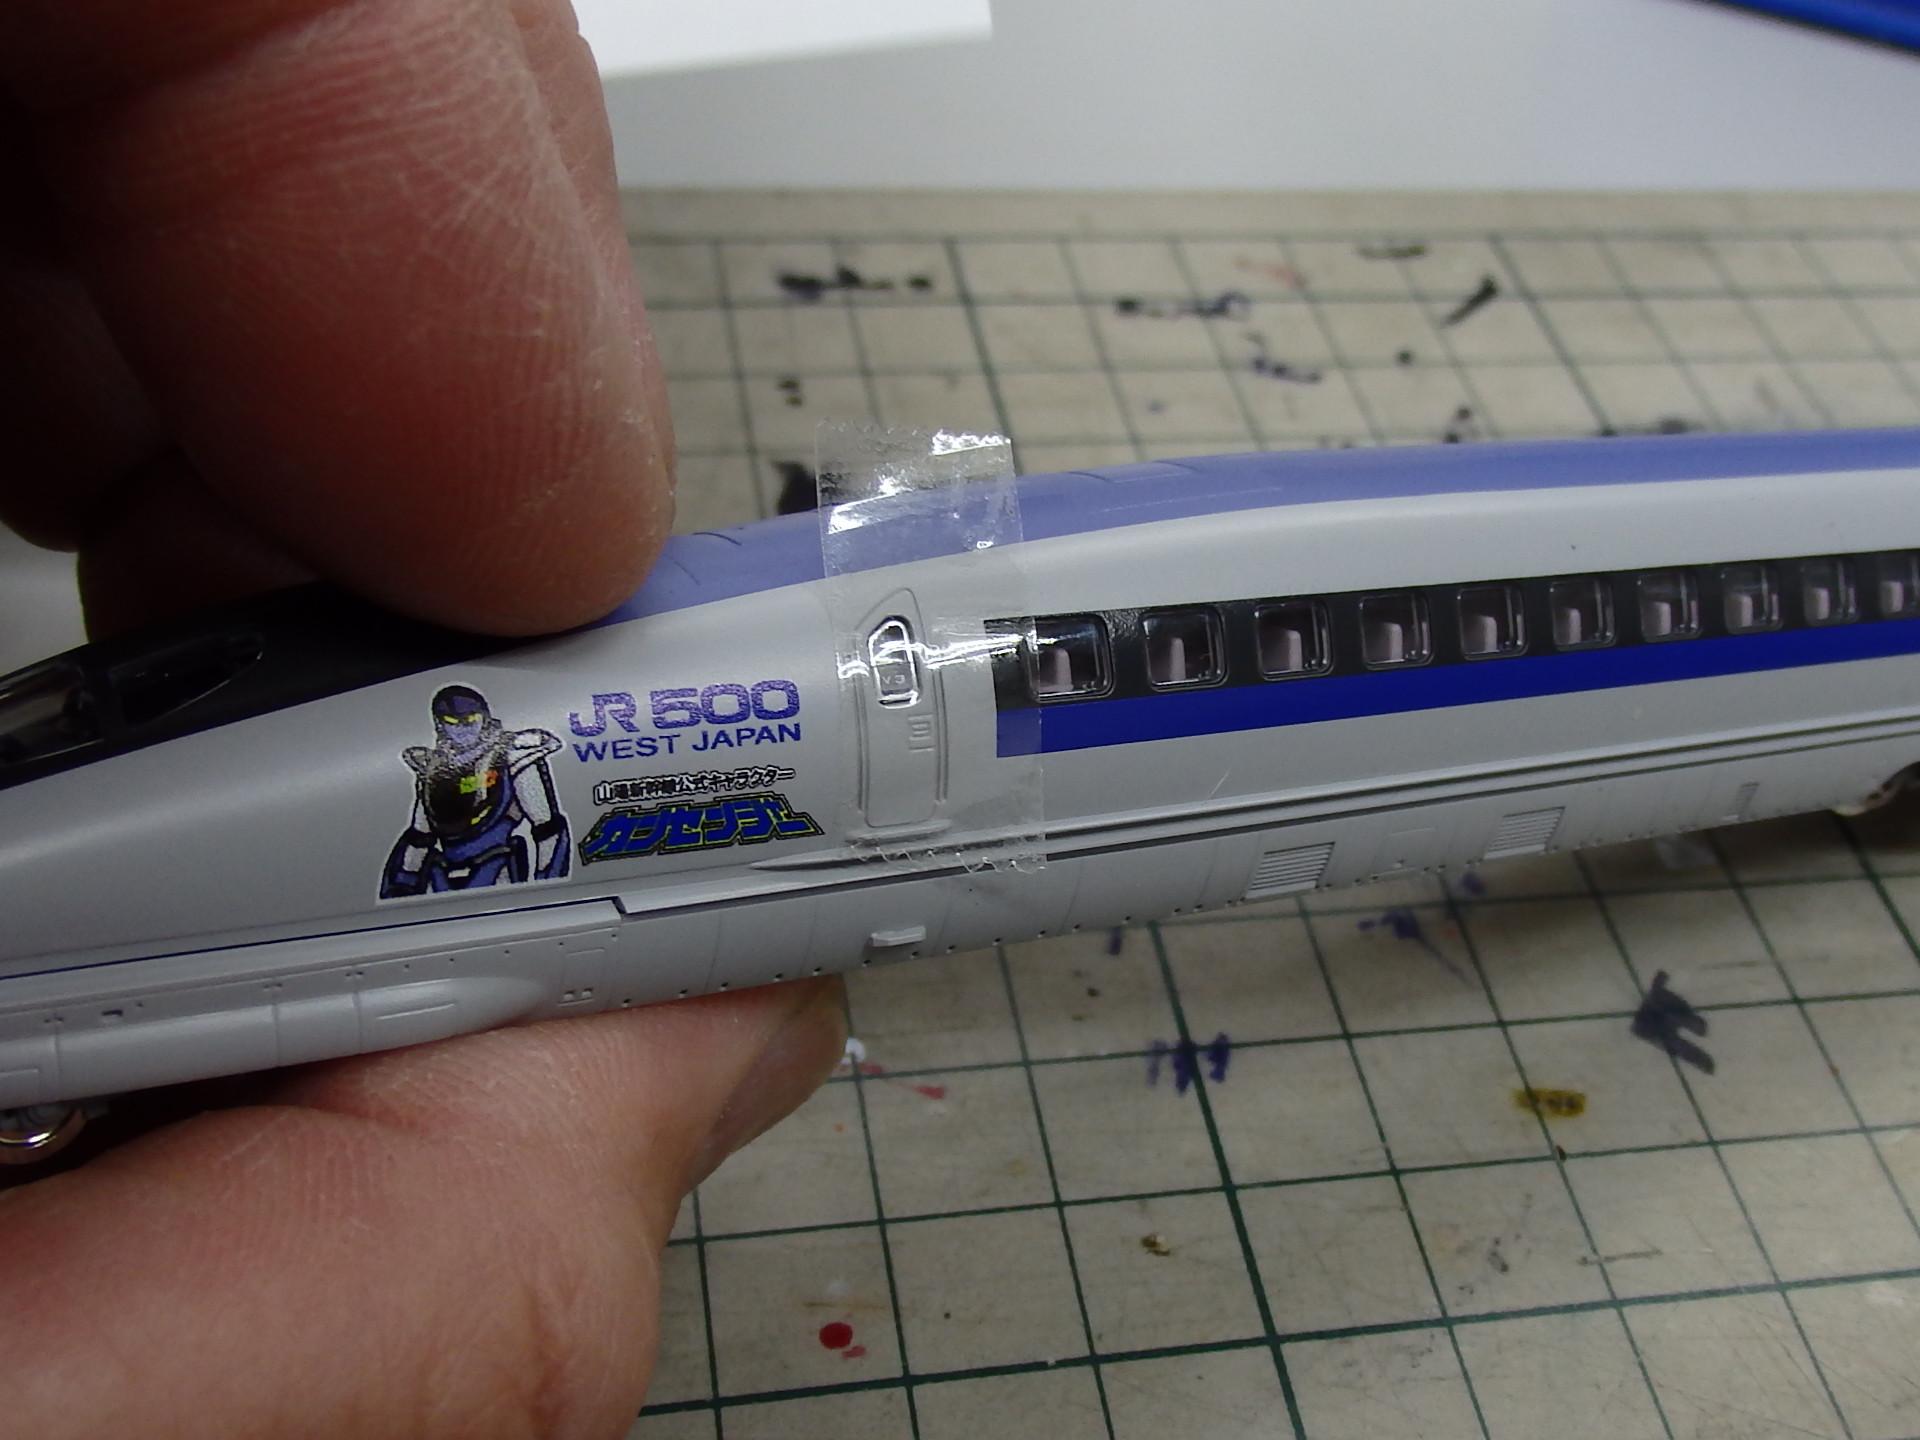 乗務員室窓 への 編成番号の転写 は台紙のままでは